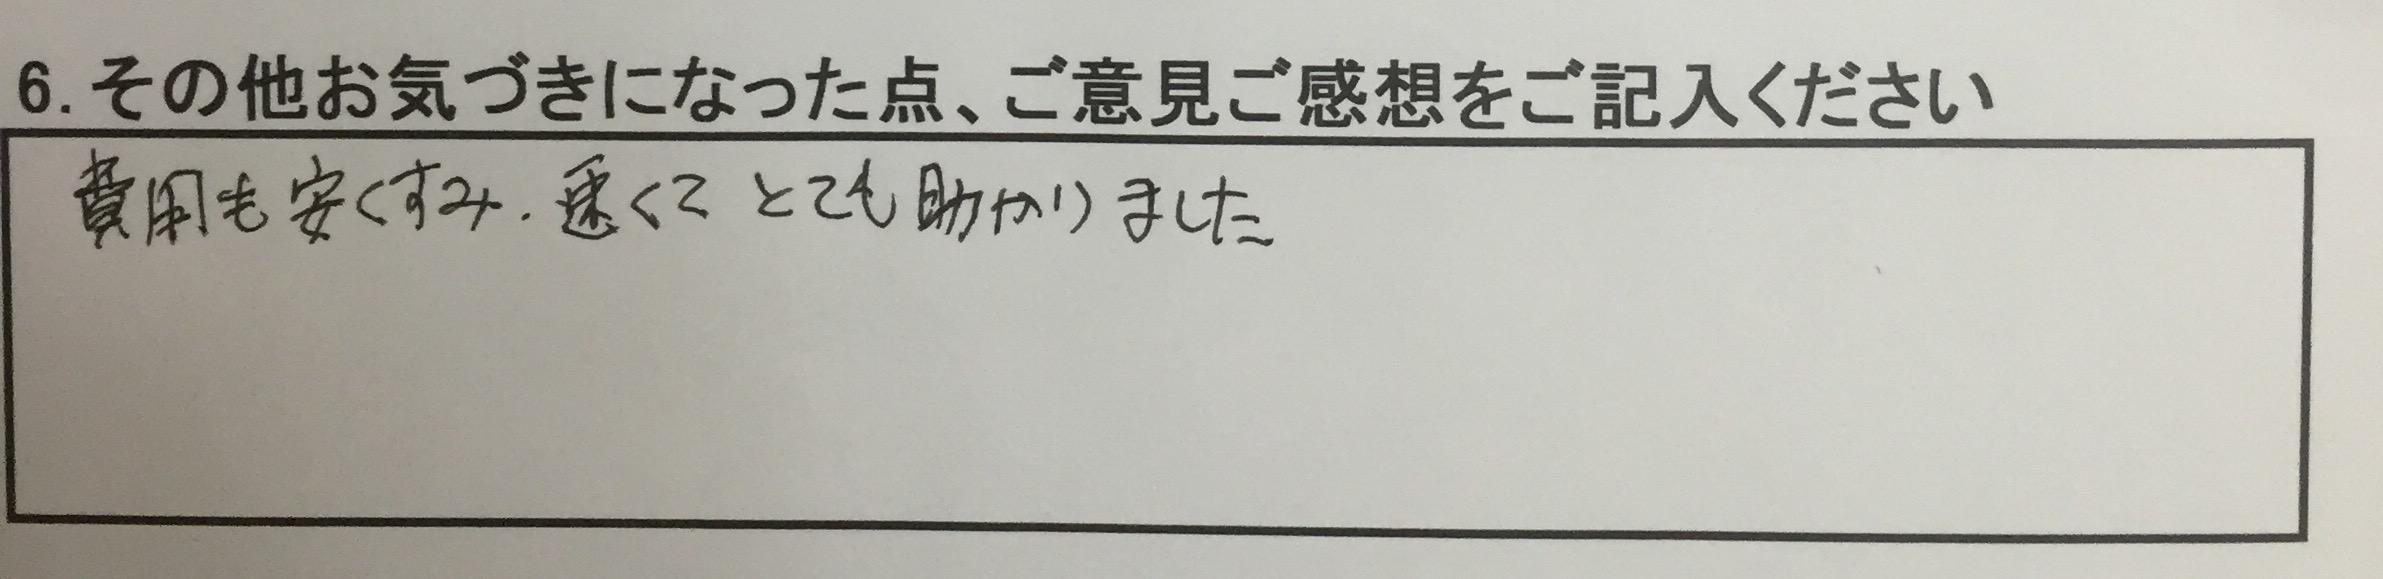 藤沢市の I 様より日産ティーダとノート、2台分のタイヤ交換を承りました